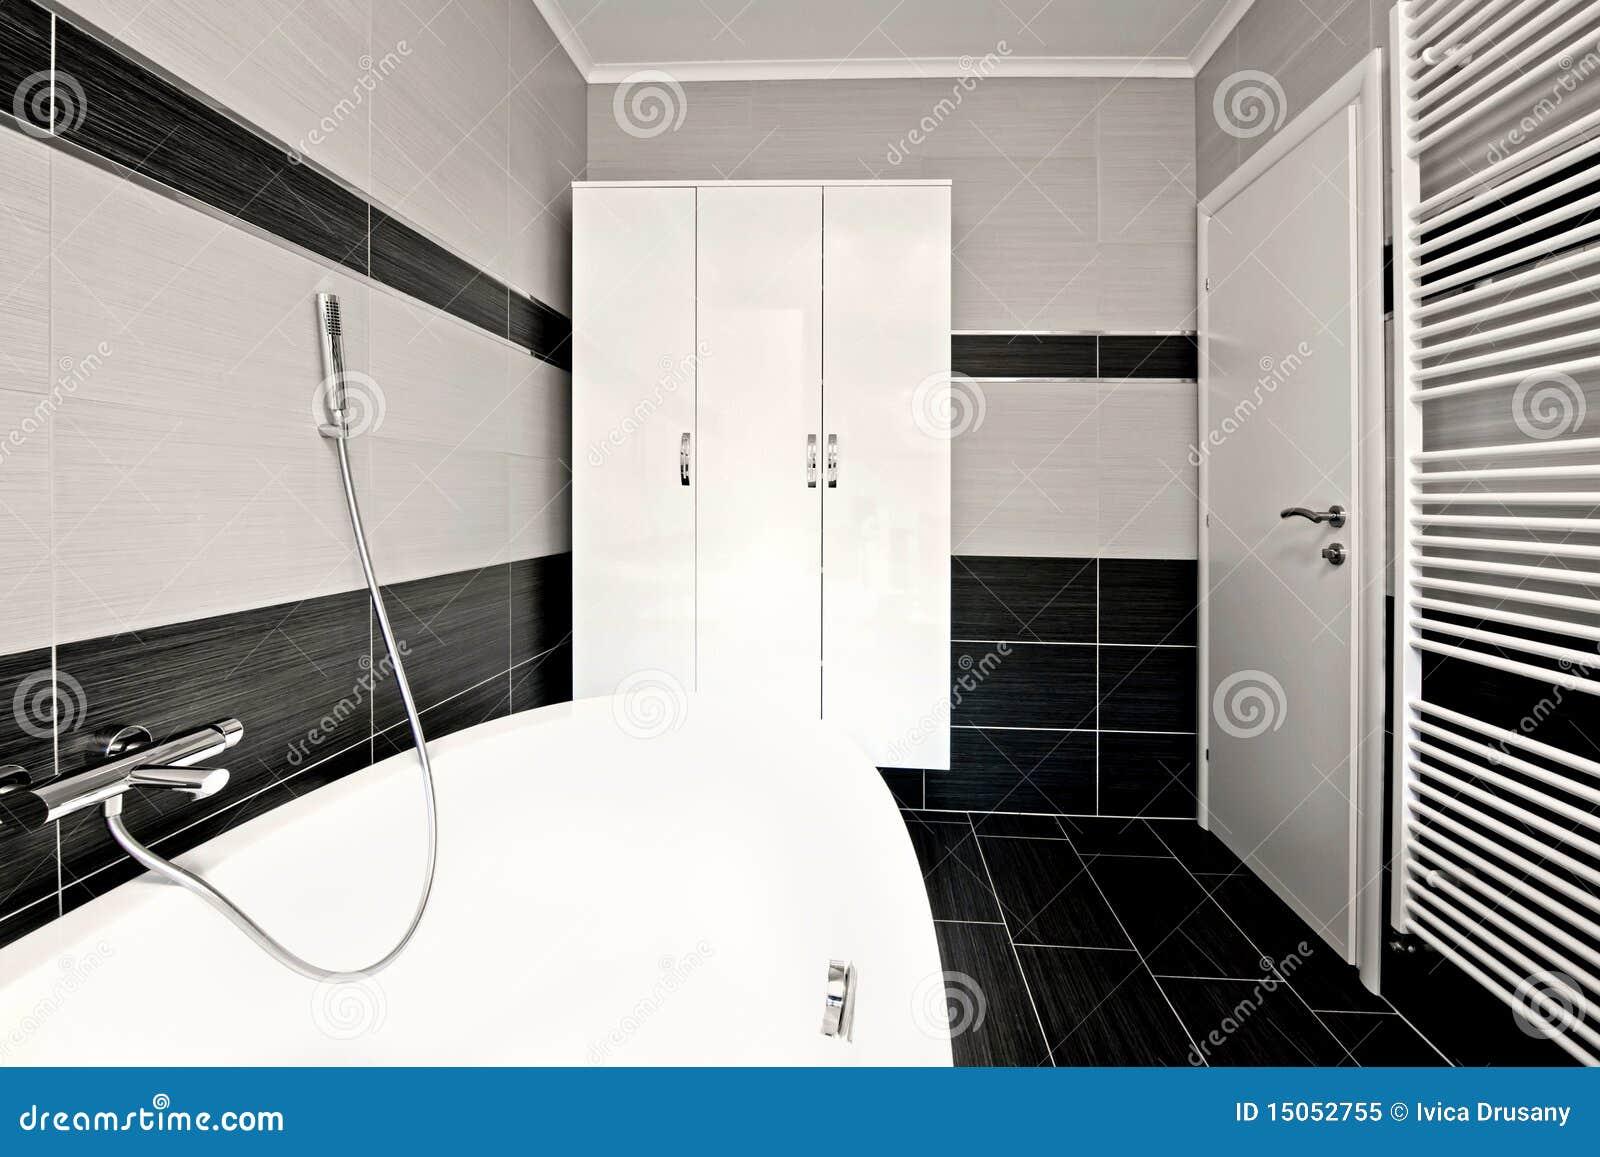 Moderne zwarte badkamers royalty vrije stock foto afbeelding 15052755 for Moderne badkamers